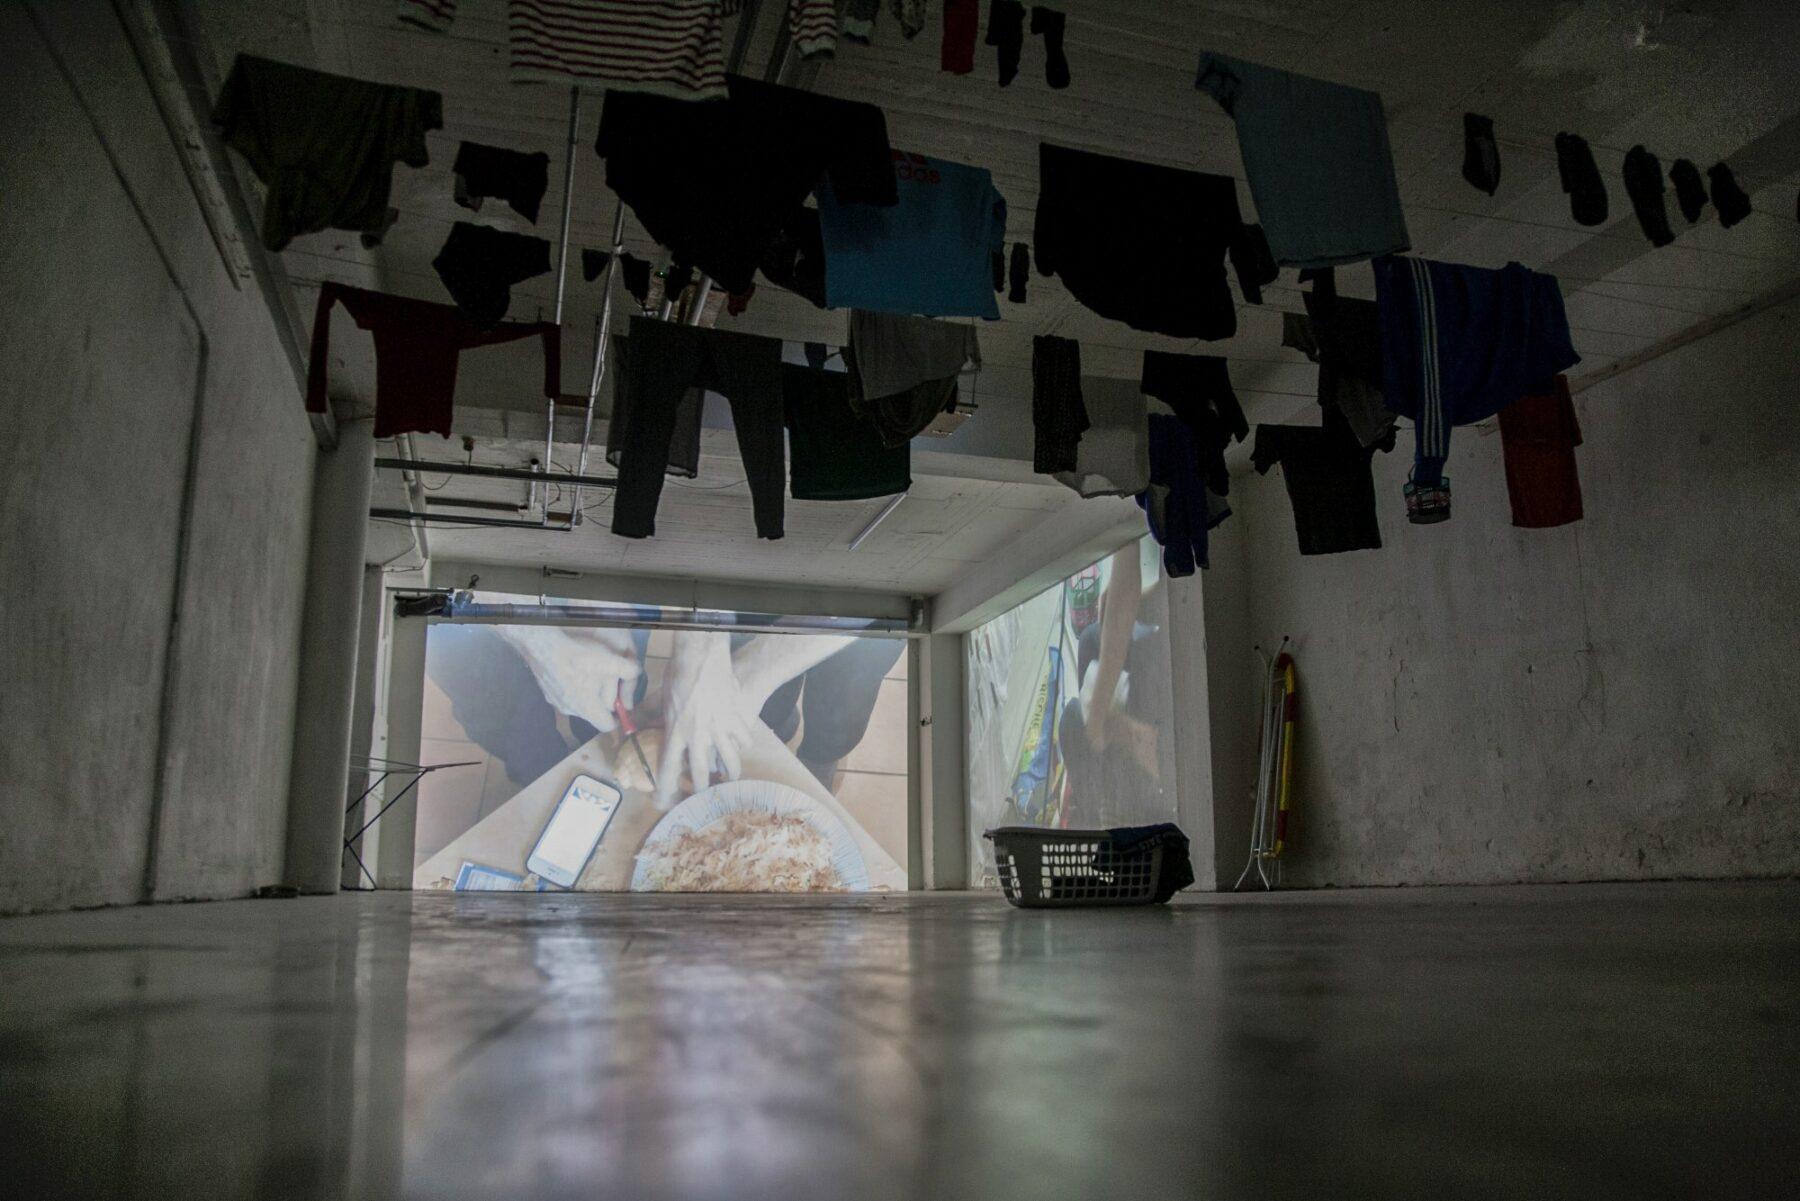 Kaffee und Haut #1, installation view at Hotel Friends / antichambre, 2019